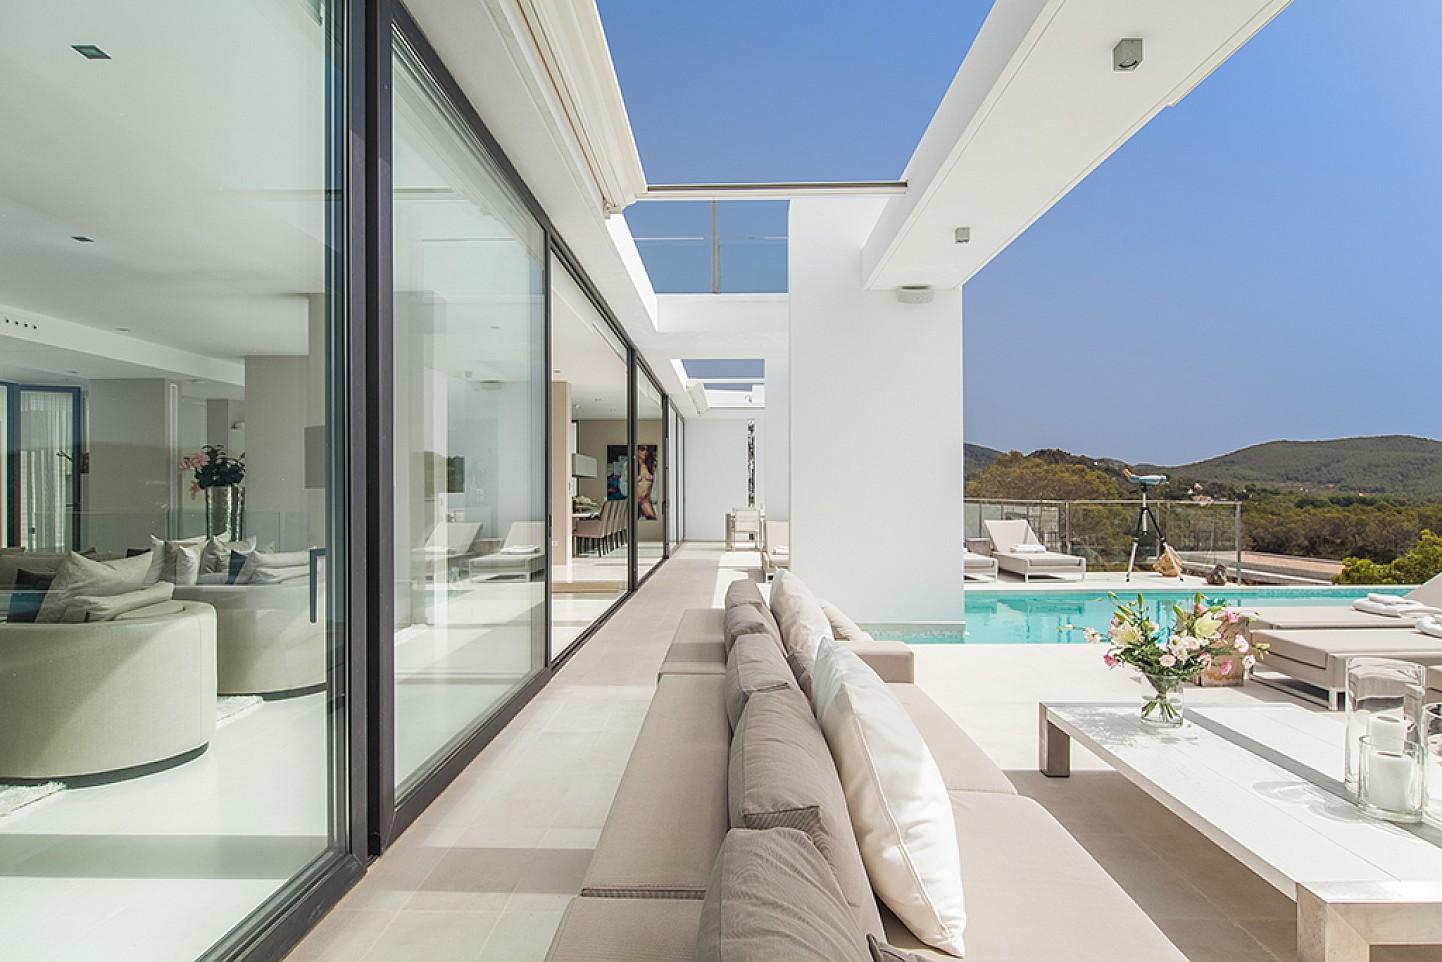 Terrasse und Wohnzimmerbereich